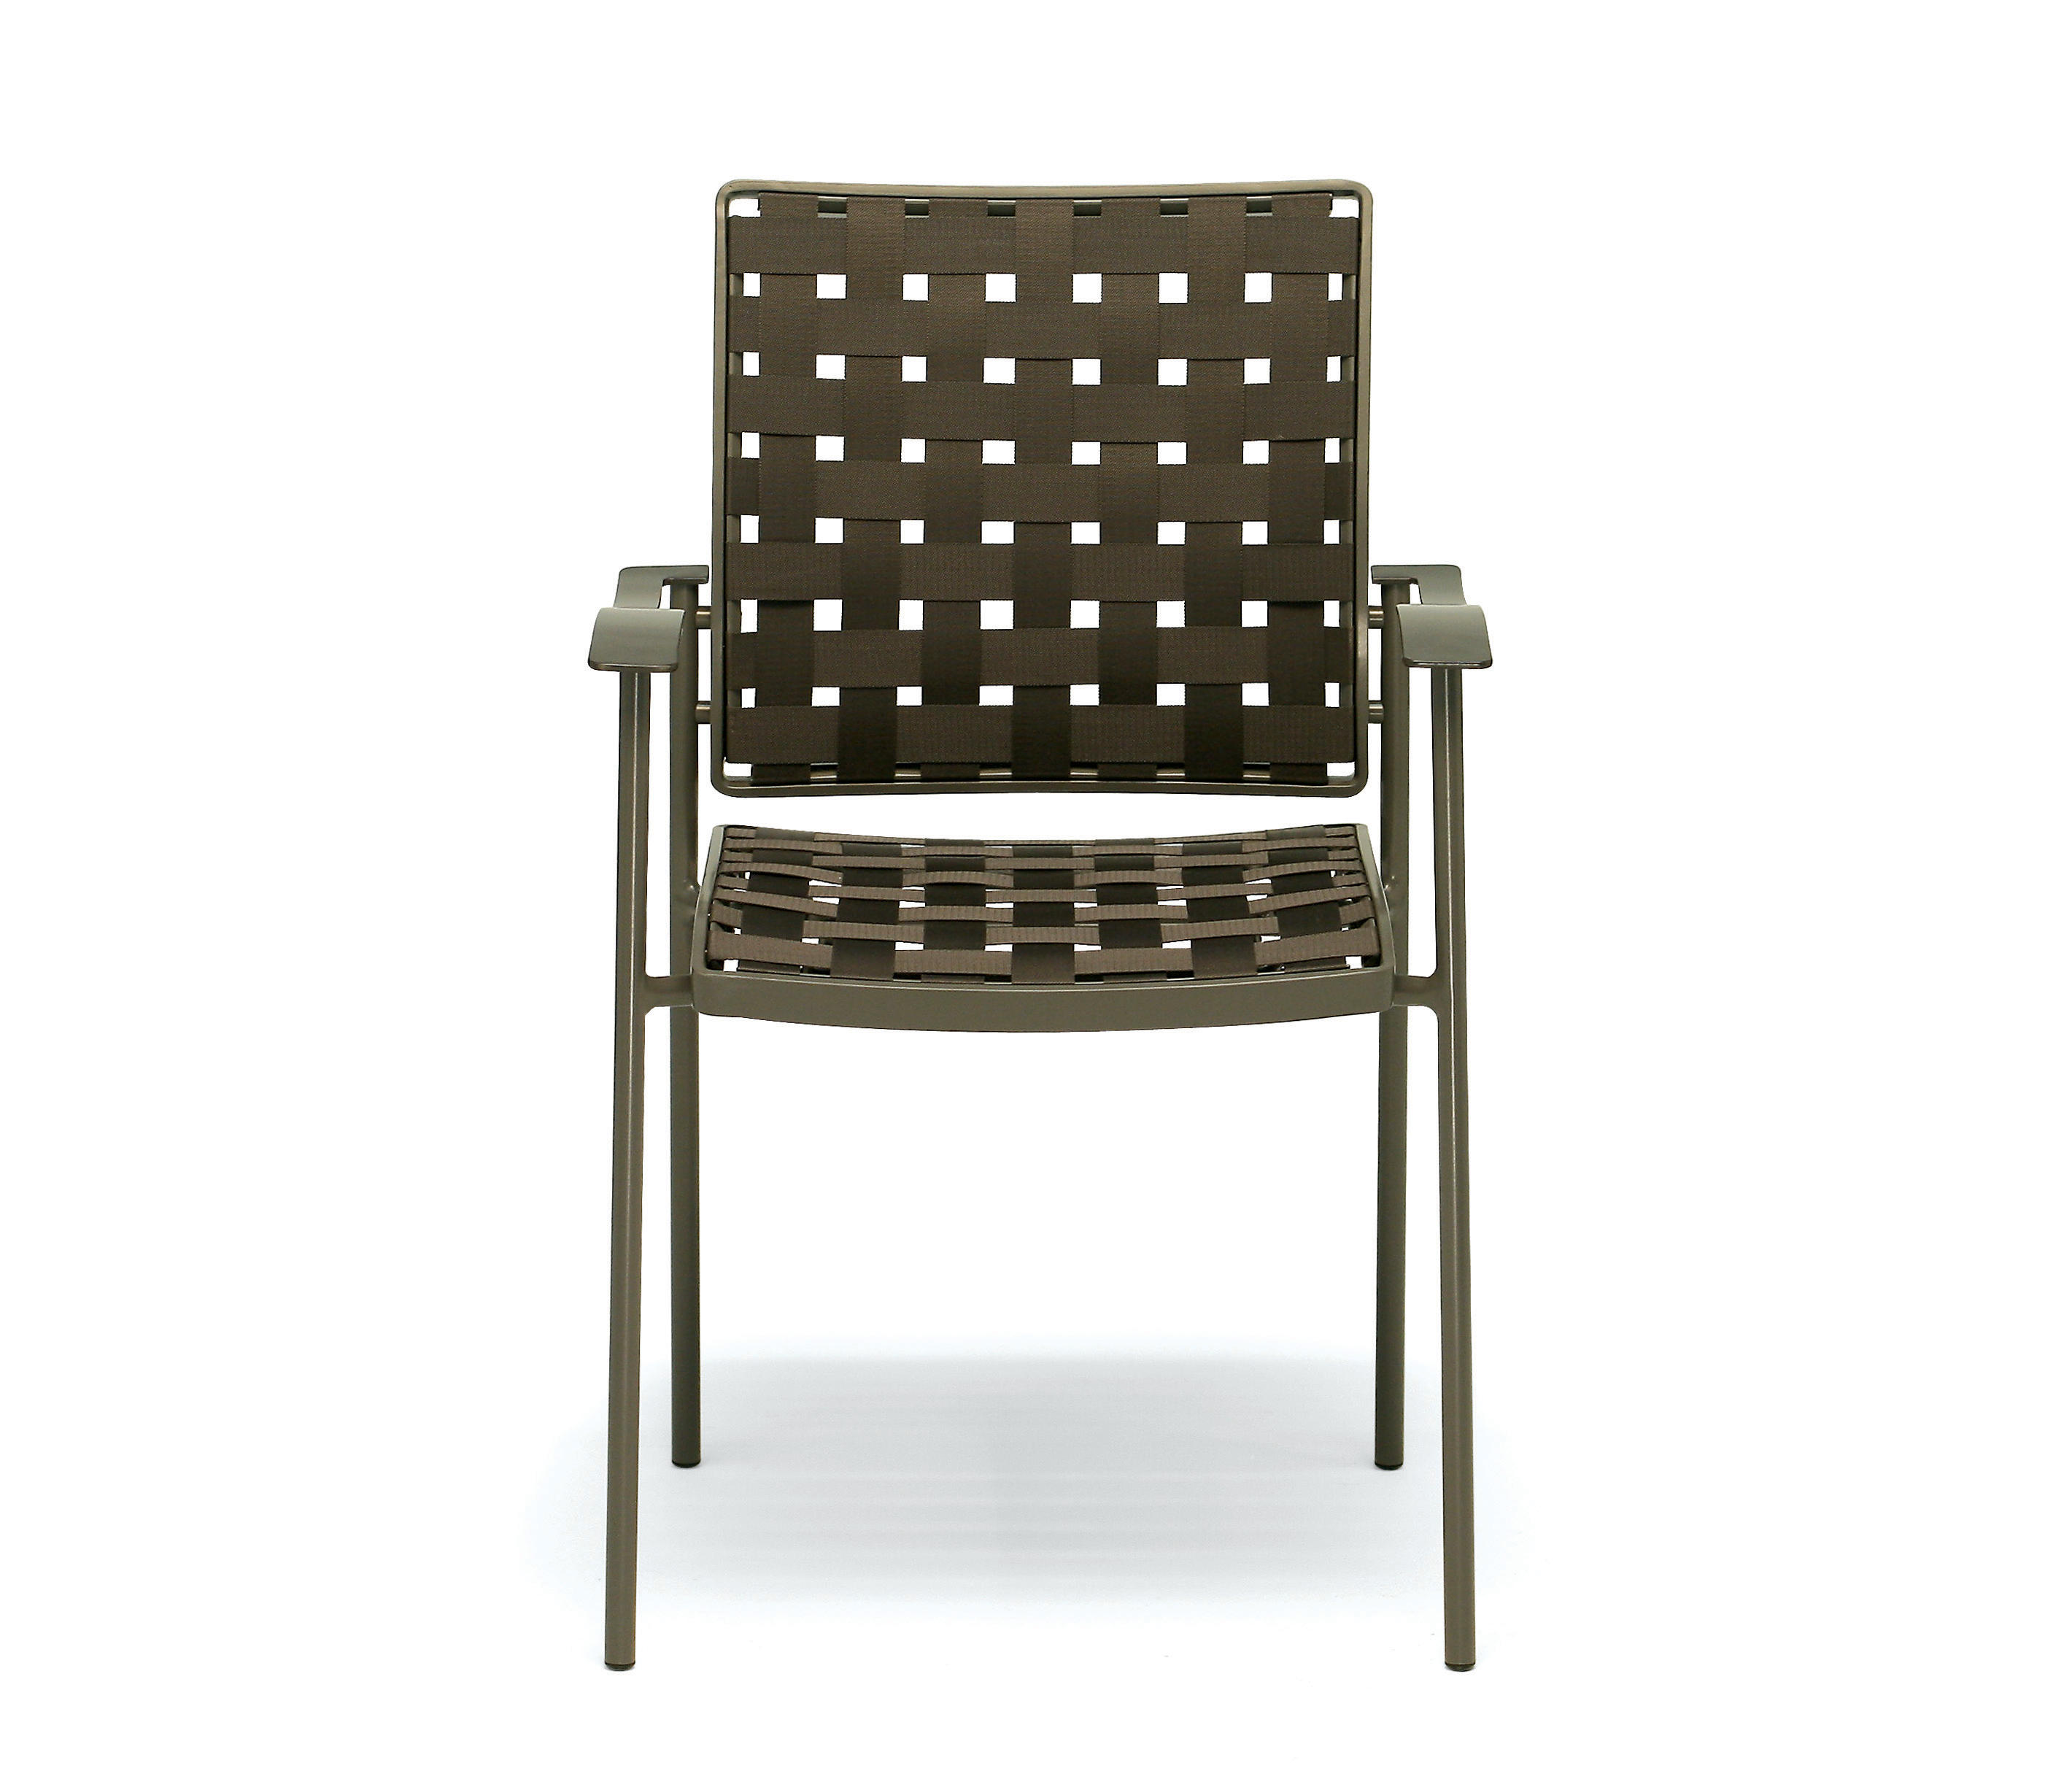 NIZZA ARMLEHNSTUHL - Gartenstühle von Fischer Möbel | Architonic